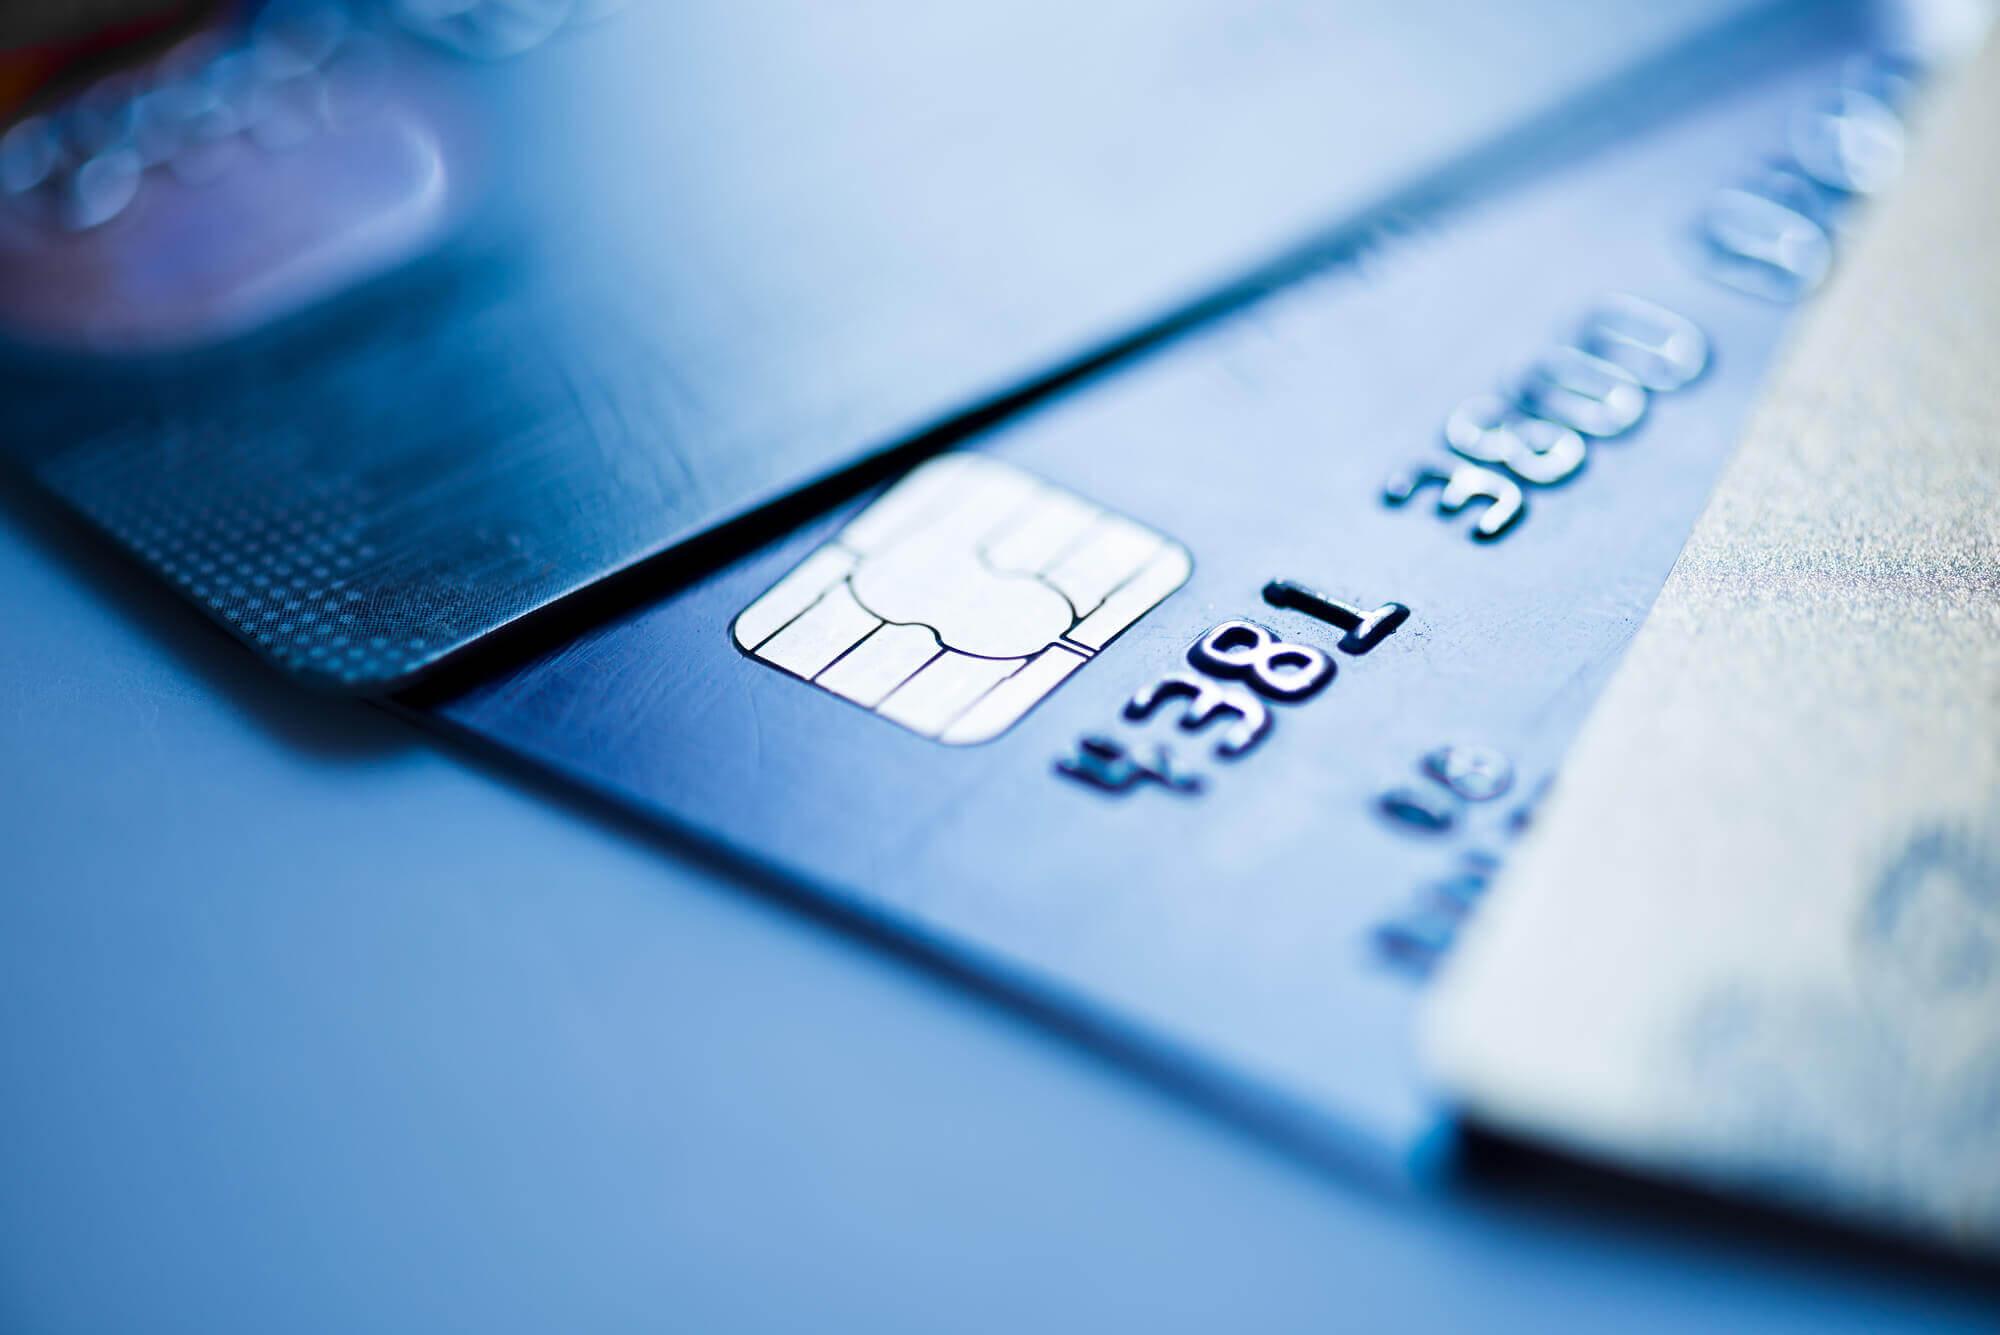 alguns produtos como cartões de crédito só podem ser oferecidos por empresas que possuem permissão do Banco Central